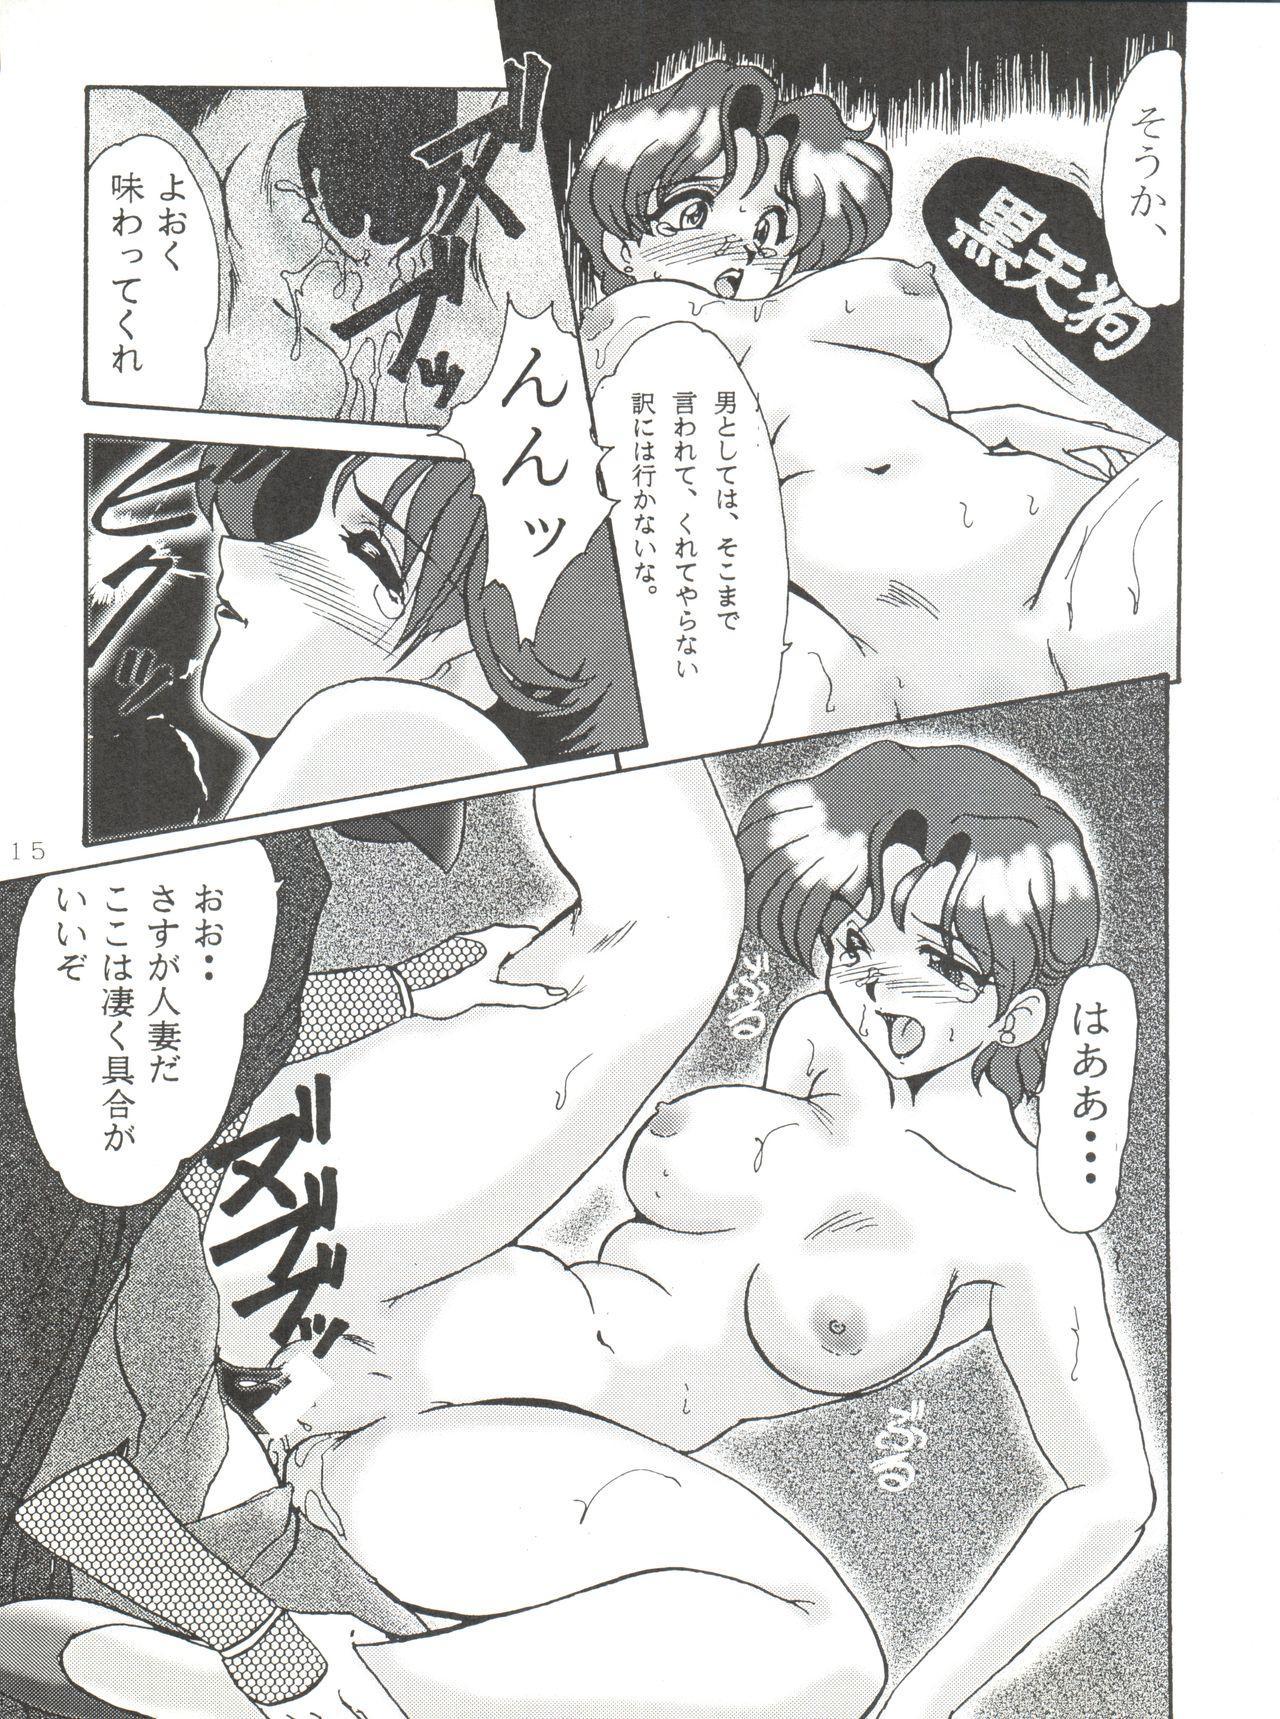 Tokusatsu Shinsengumi 14